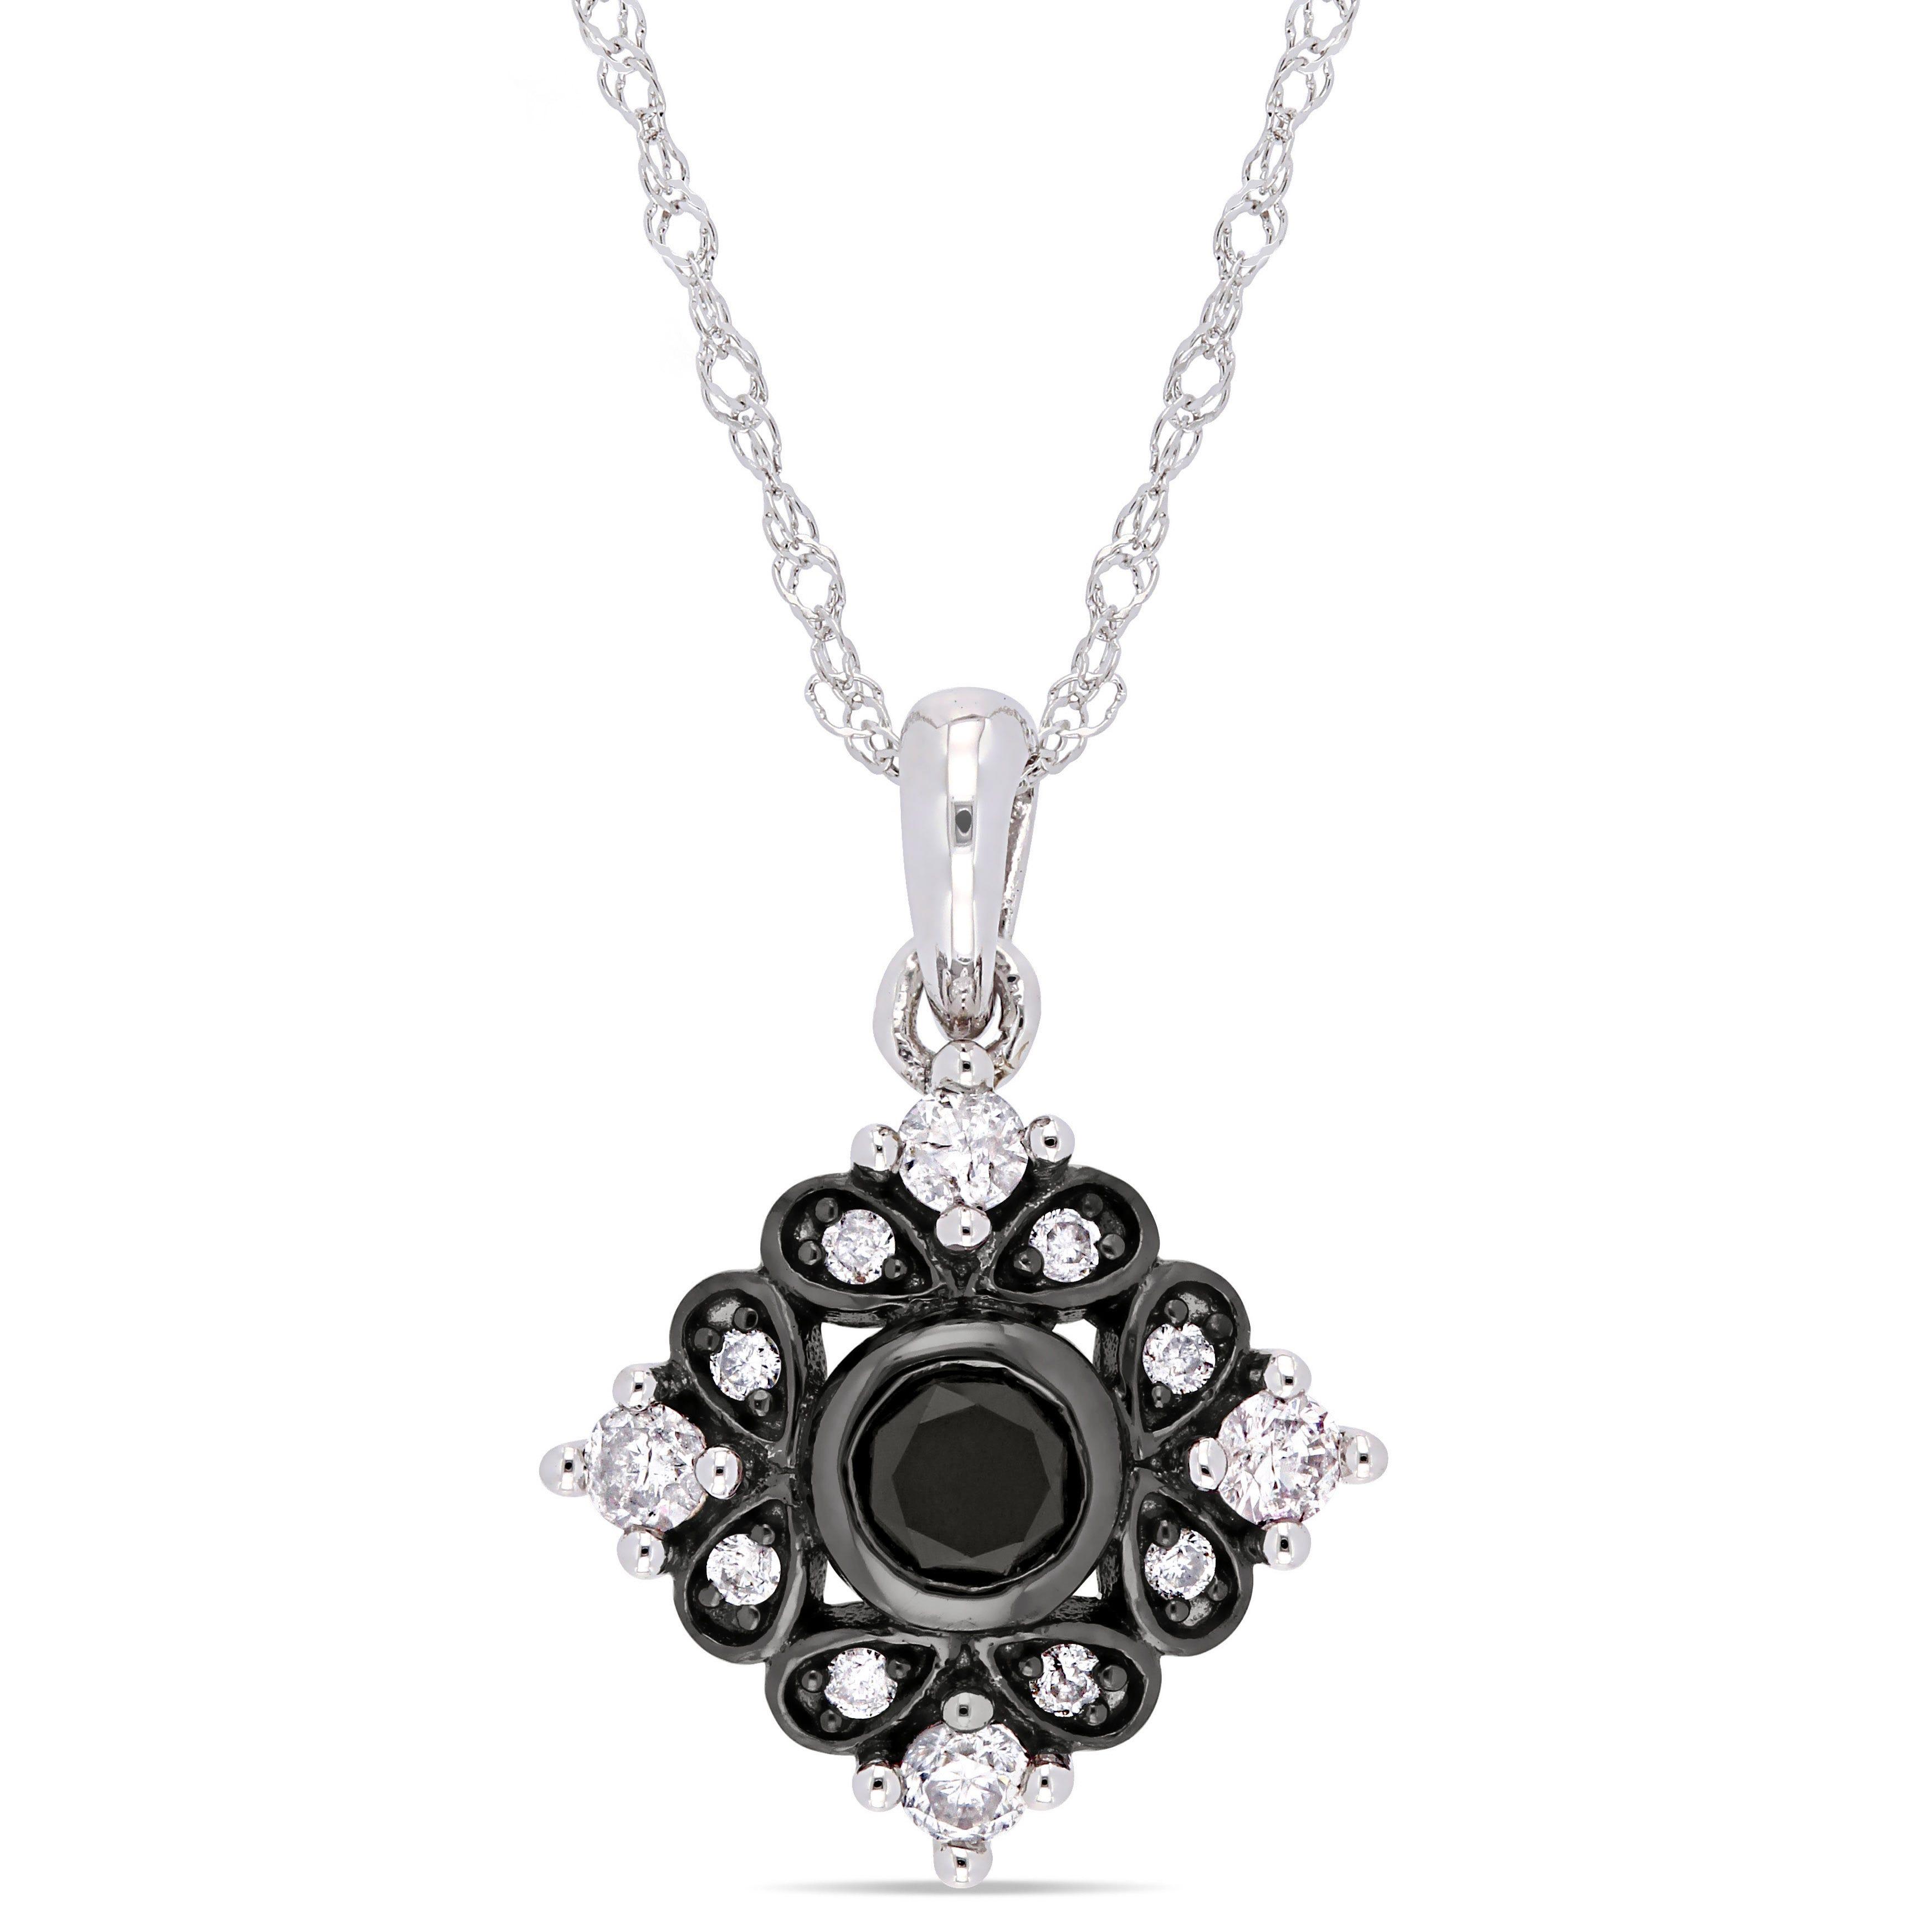 Everly Black & White Diamond Fashion Pendant in 10k White Gold